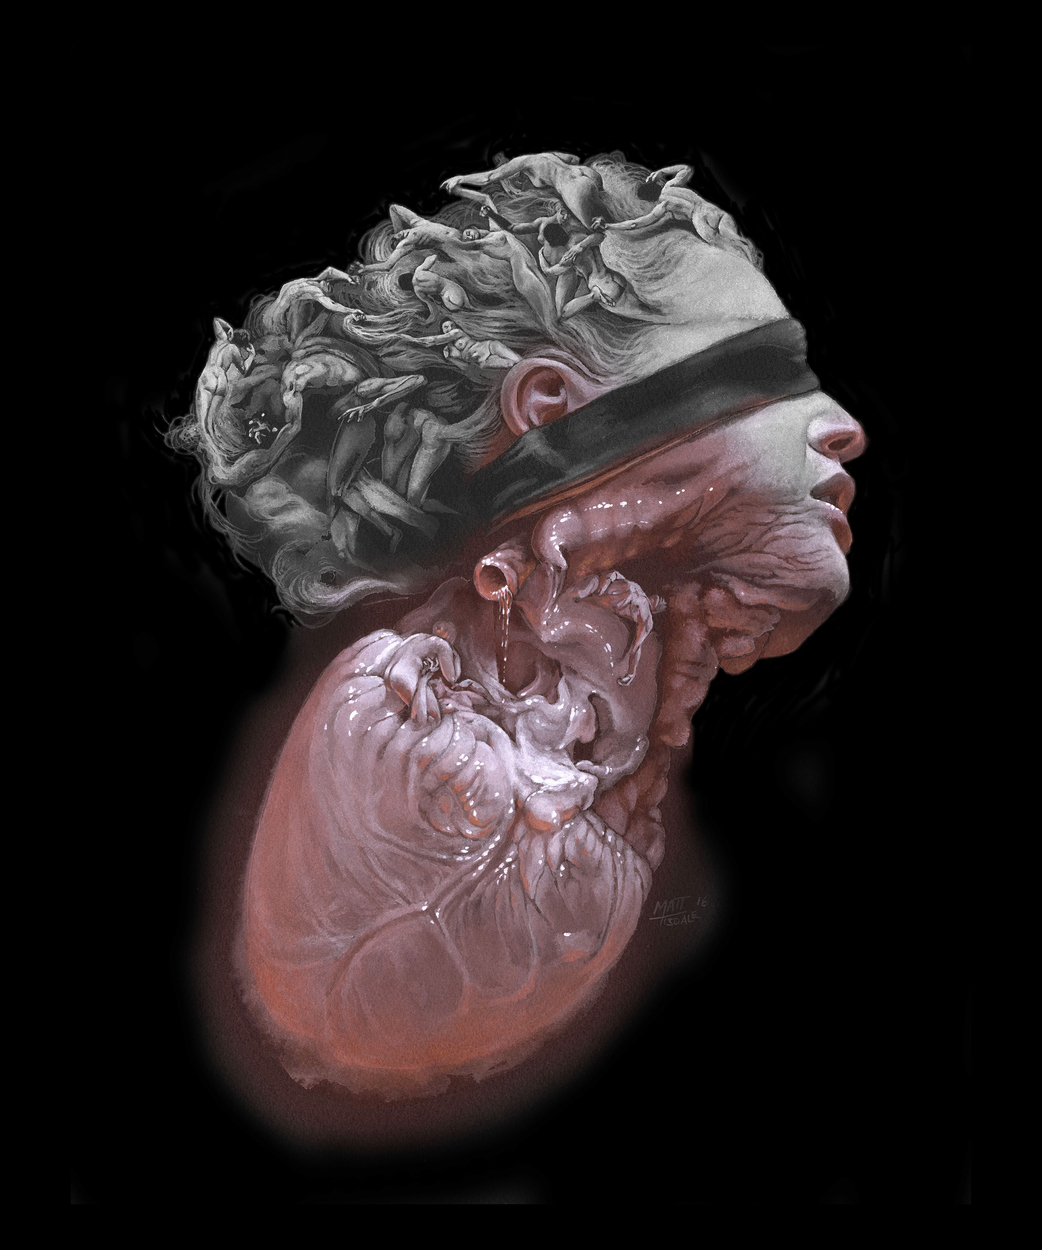 Medusa Artwork by Matt Tisdale